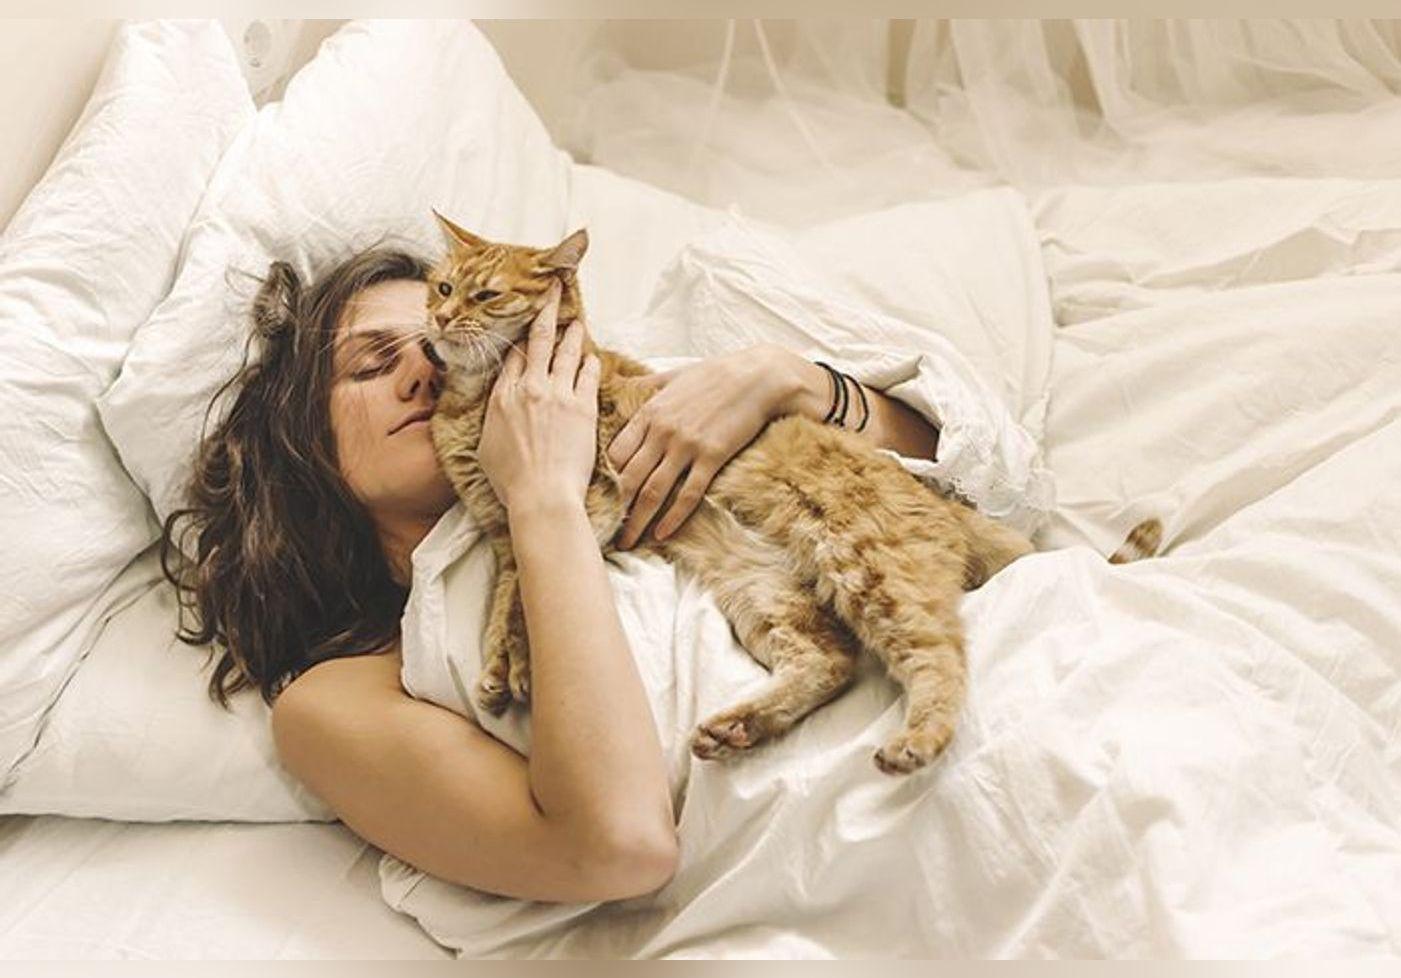 Votre chat vous réveille la nuit ? Voici la solution pour ne plus être dérangé durant votre sommeil et limiter son activité nocturne